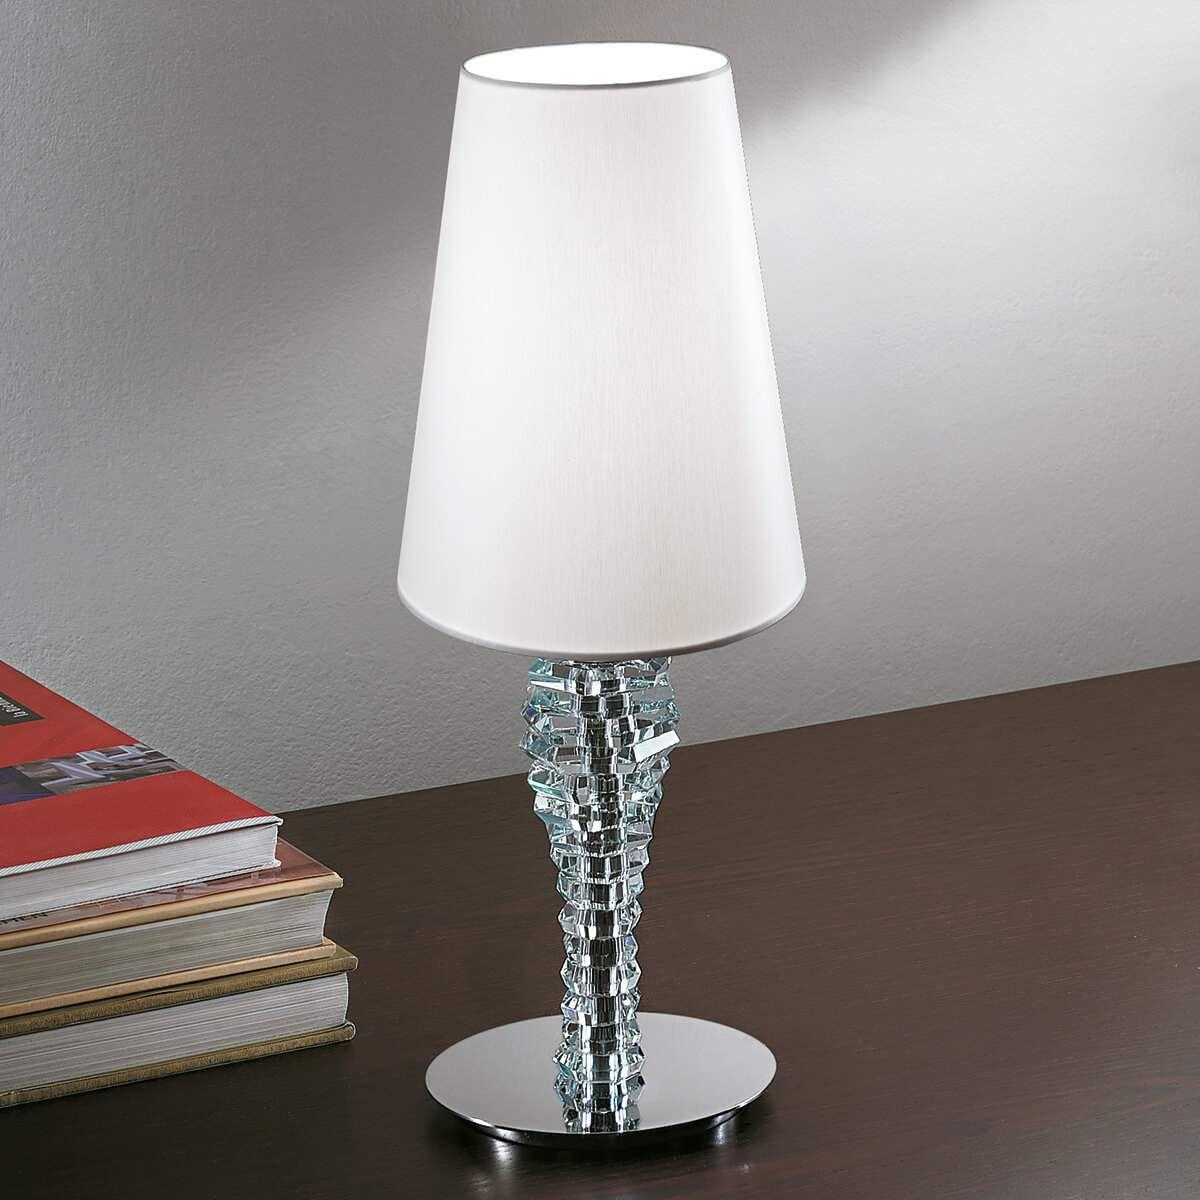 Moderne Leuchten Design Tischlampe Tischlampe Eckig Lampe Led Dimmbar Nachttischlampe Schirm Lampe Lampentisch Tischleuchte